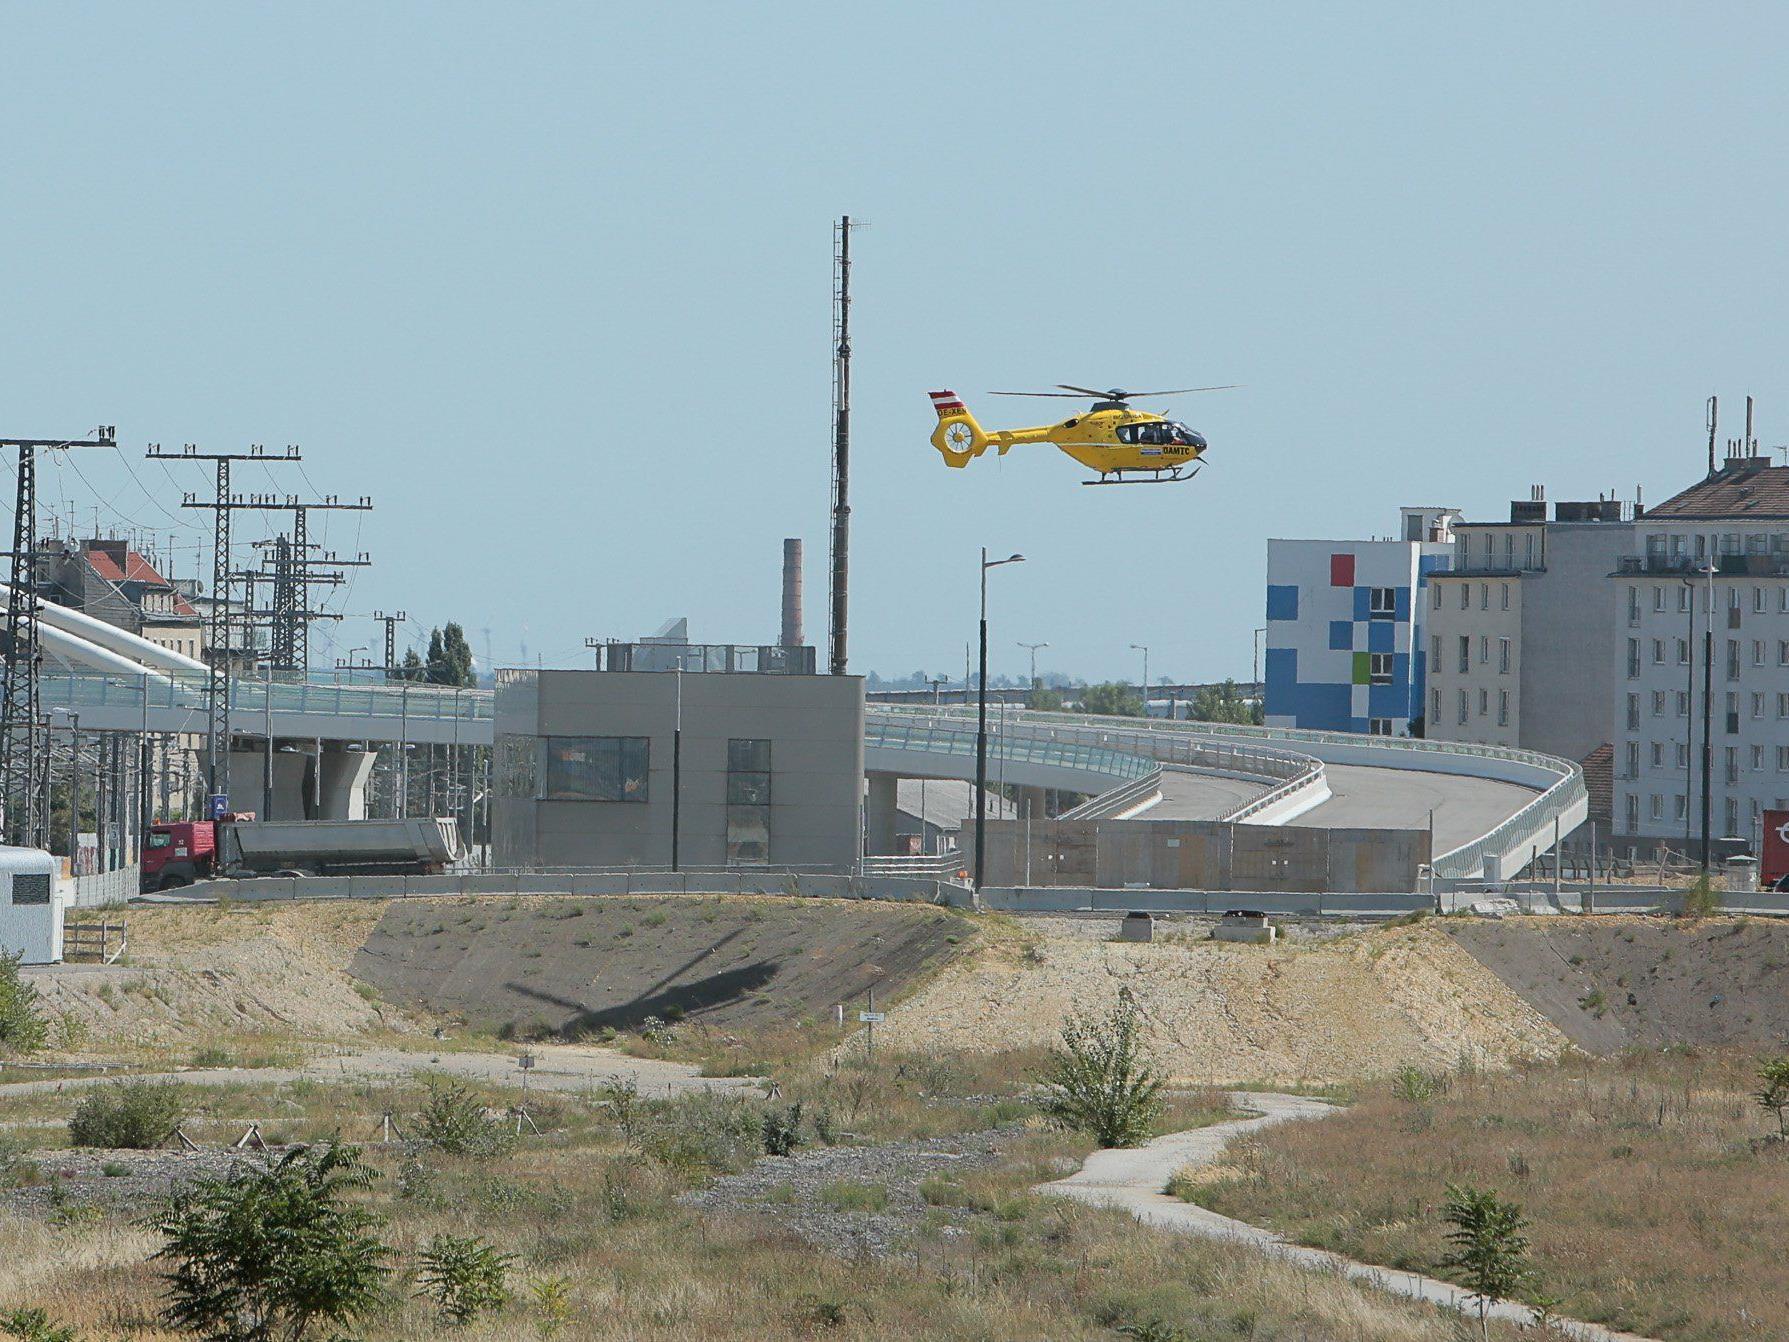 Der Hubschrauber landete am Puchsbaumplatz in Favoriten